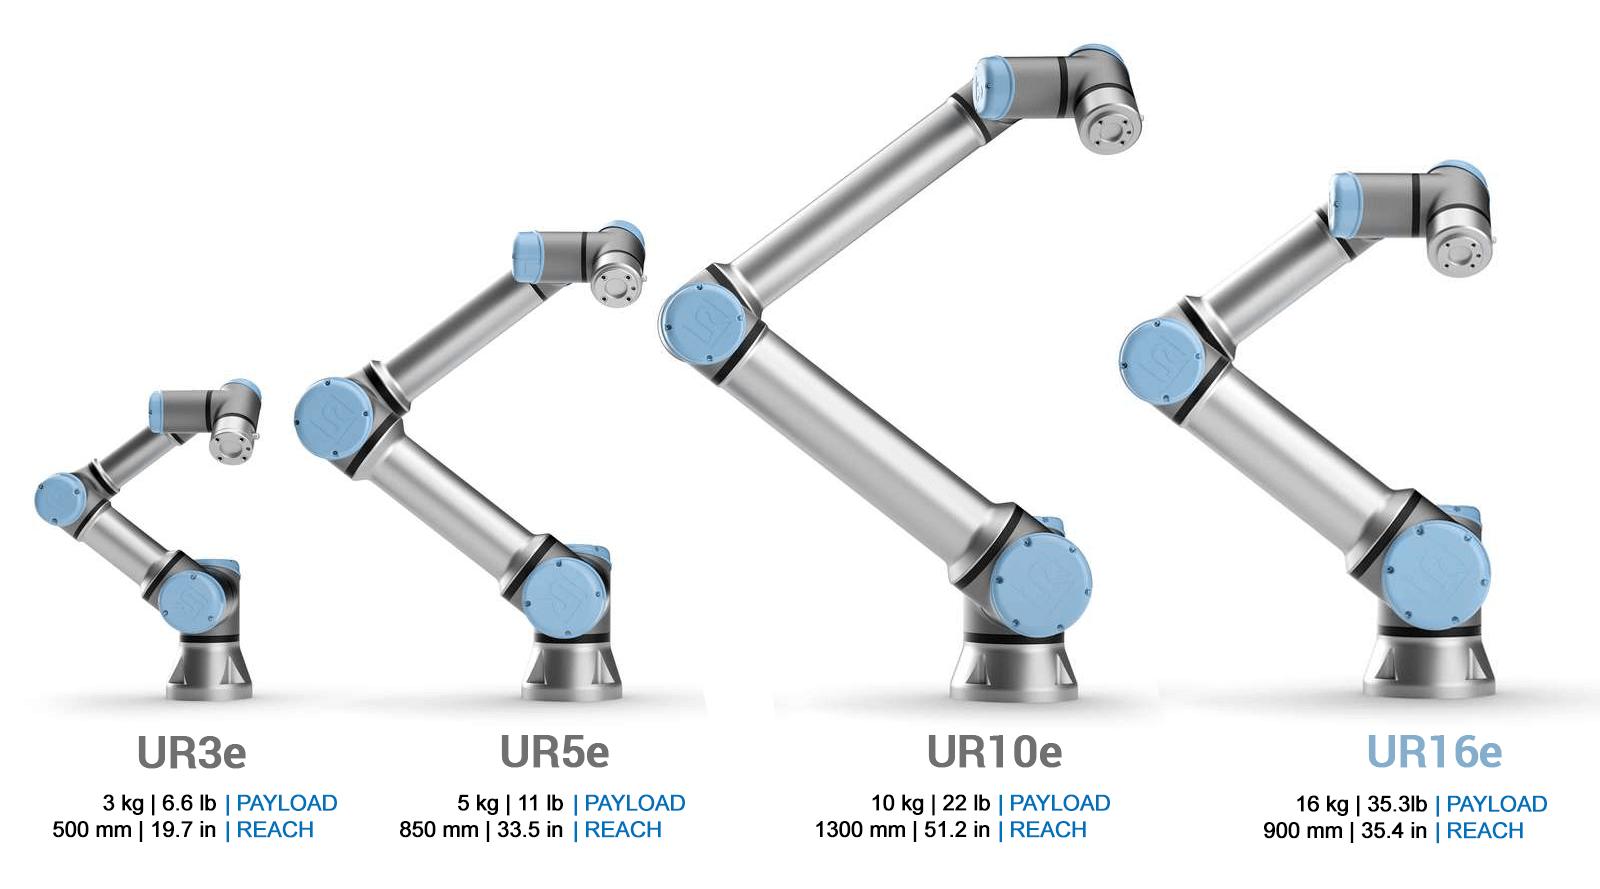 UR robot family